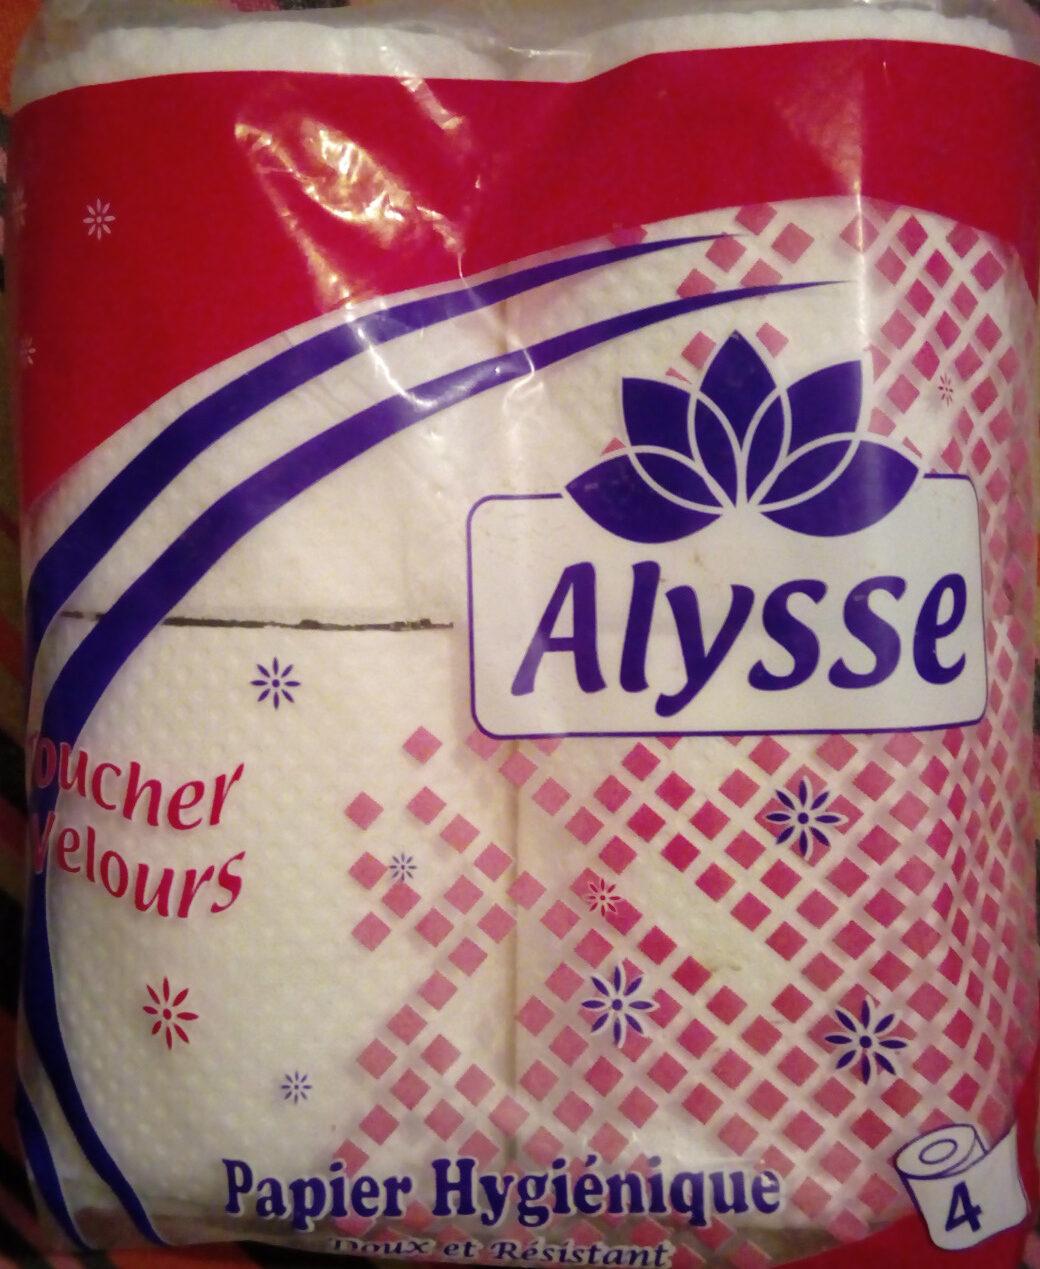 Alysse Papier Hygiénique - Product